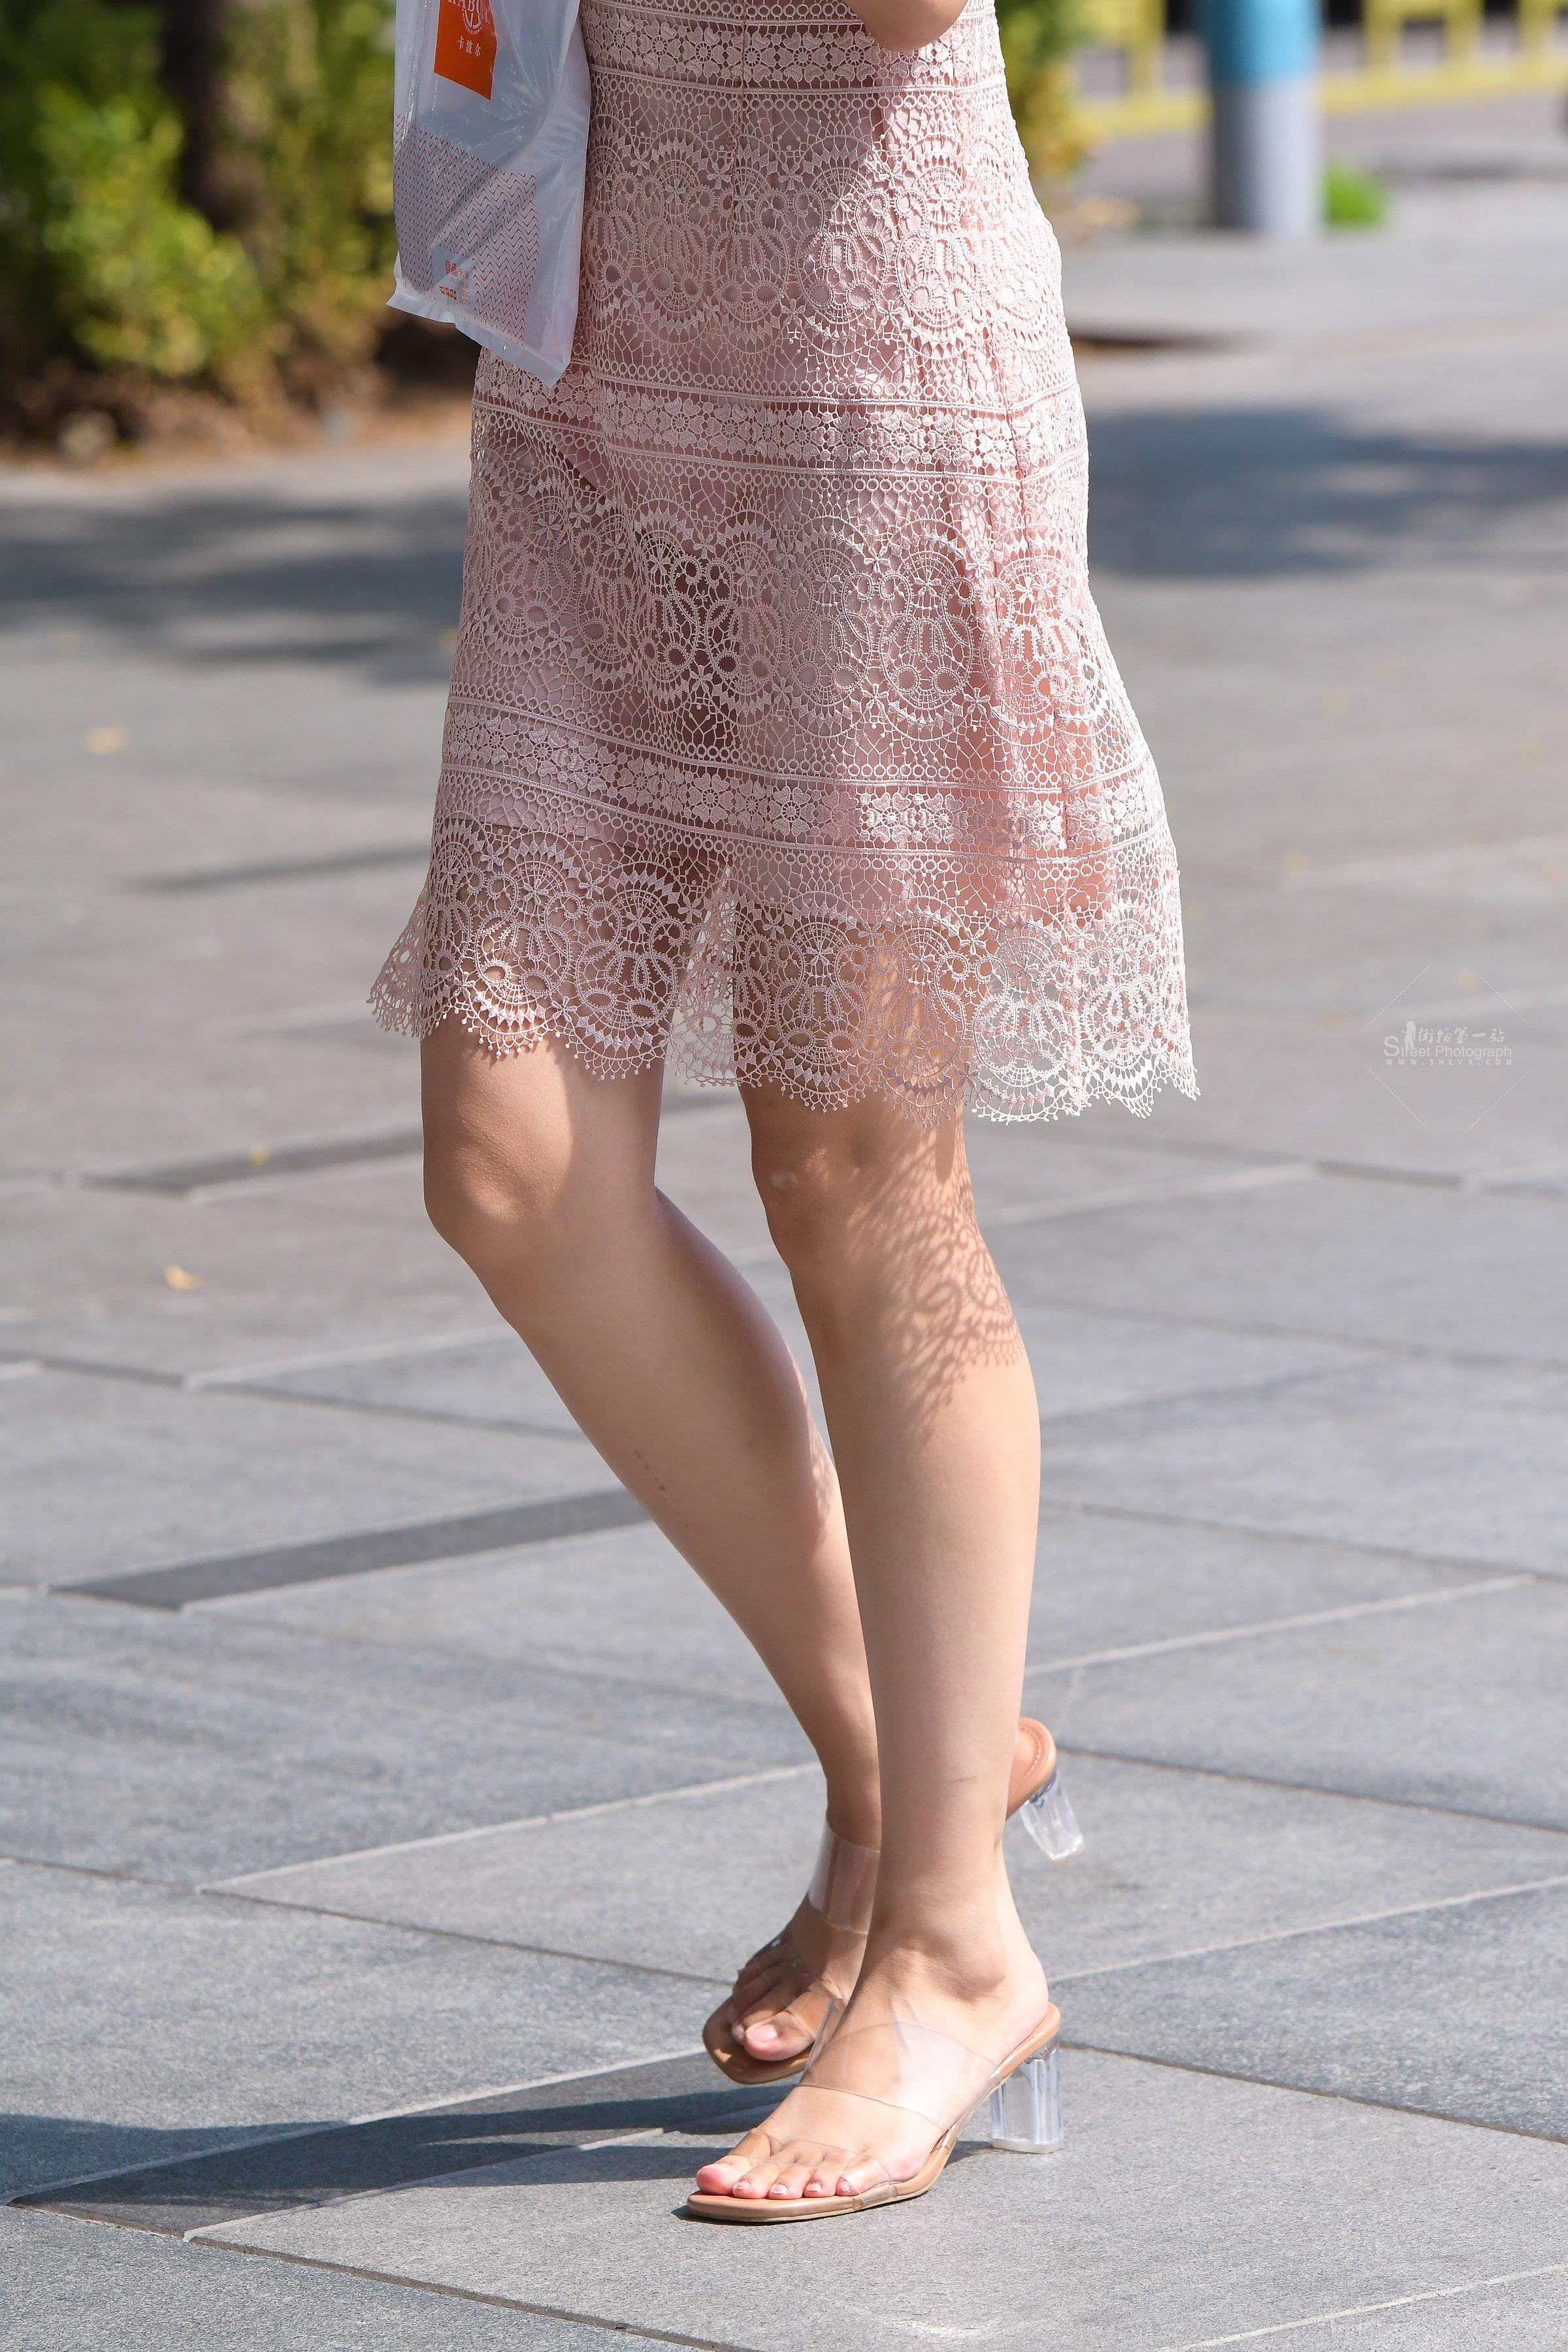 街拍女人,街拍蕾丝,街拍蕾丝裙 蕾丝裙最显 女人气质 最新街拍丝袜图片 街拍丝袜第一站